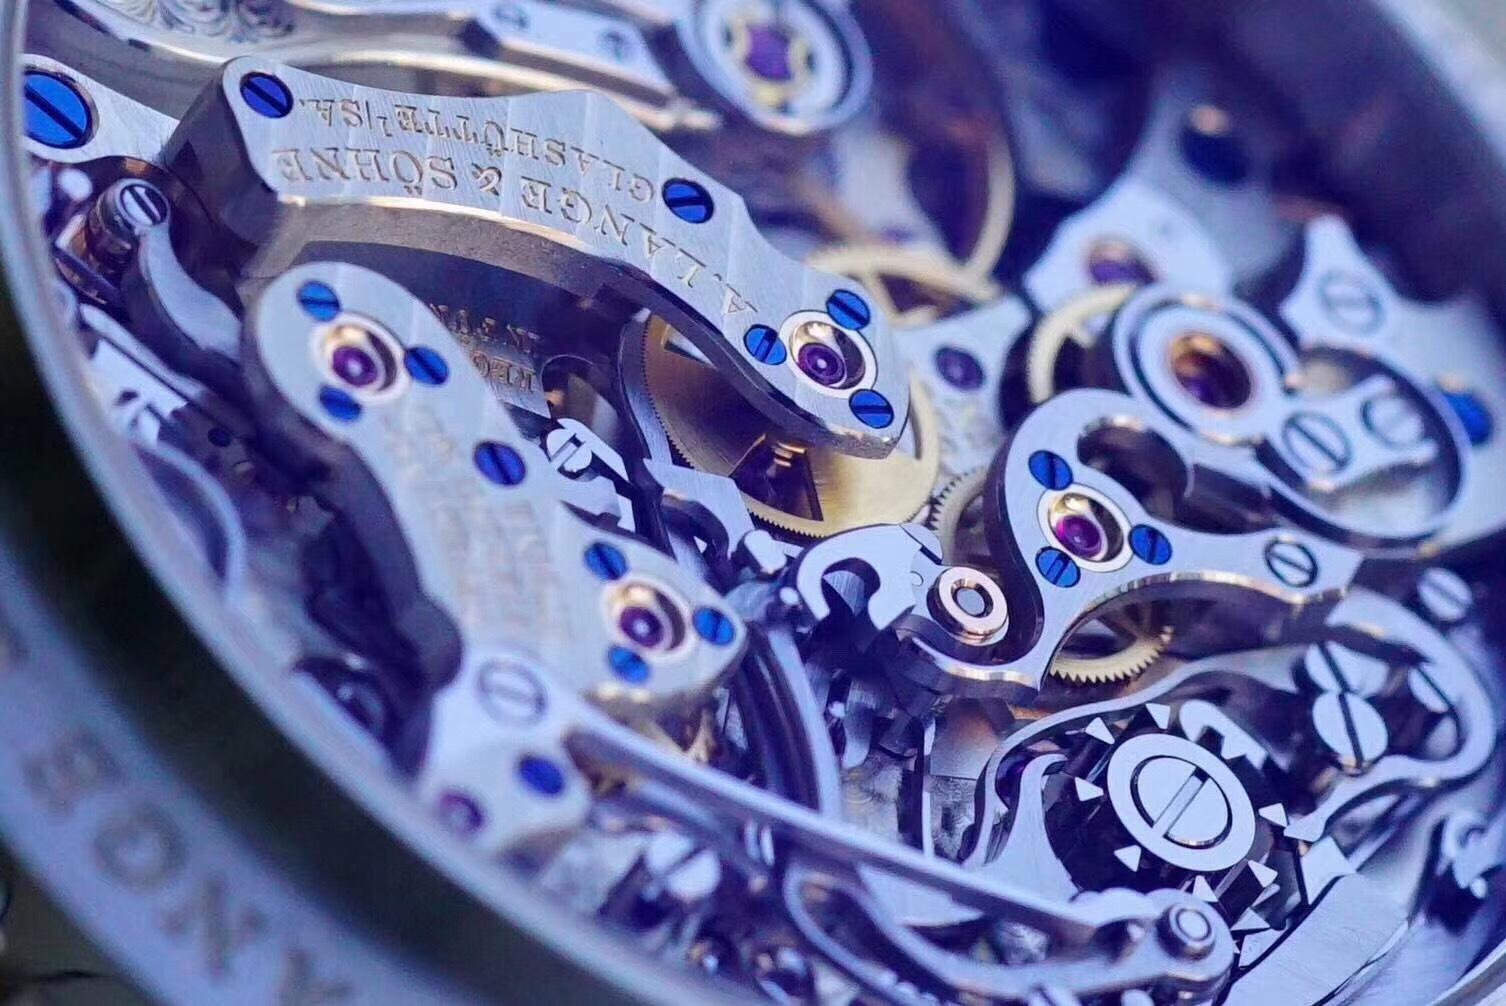 德国匠心钟表品牌 朗格 万年历405.035铂金 精湛德国机械美丽图片